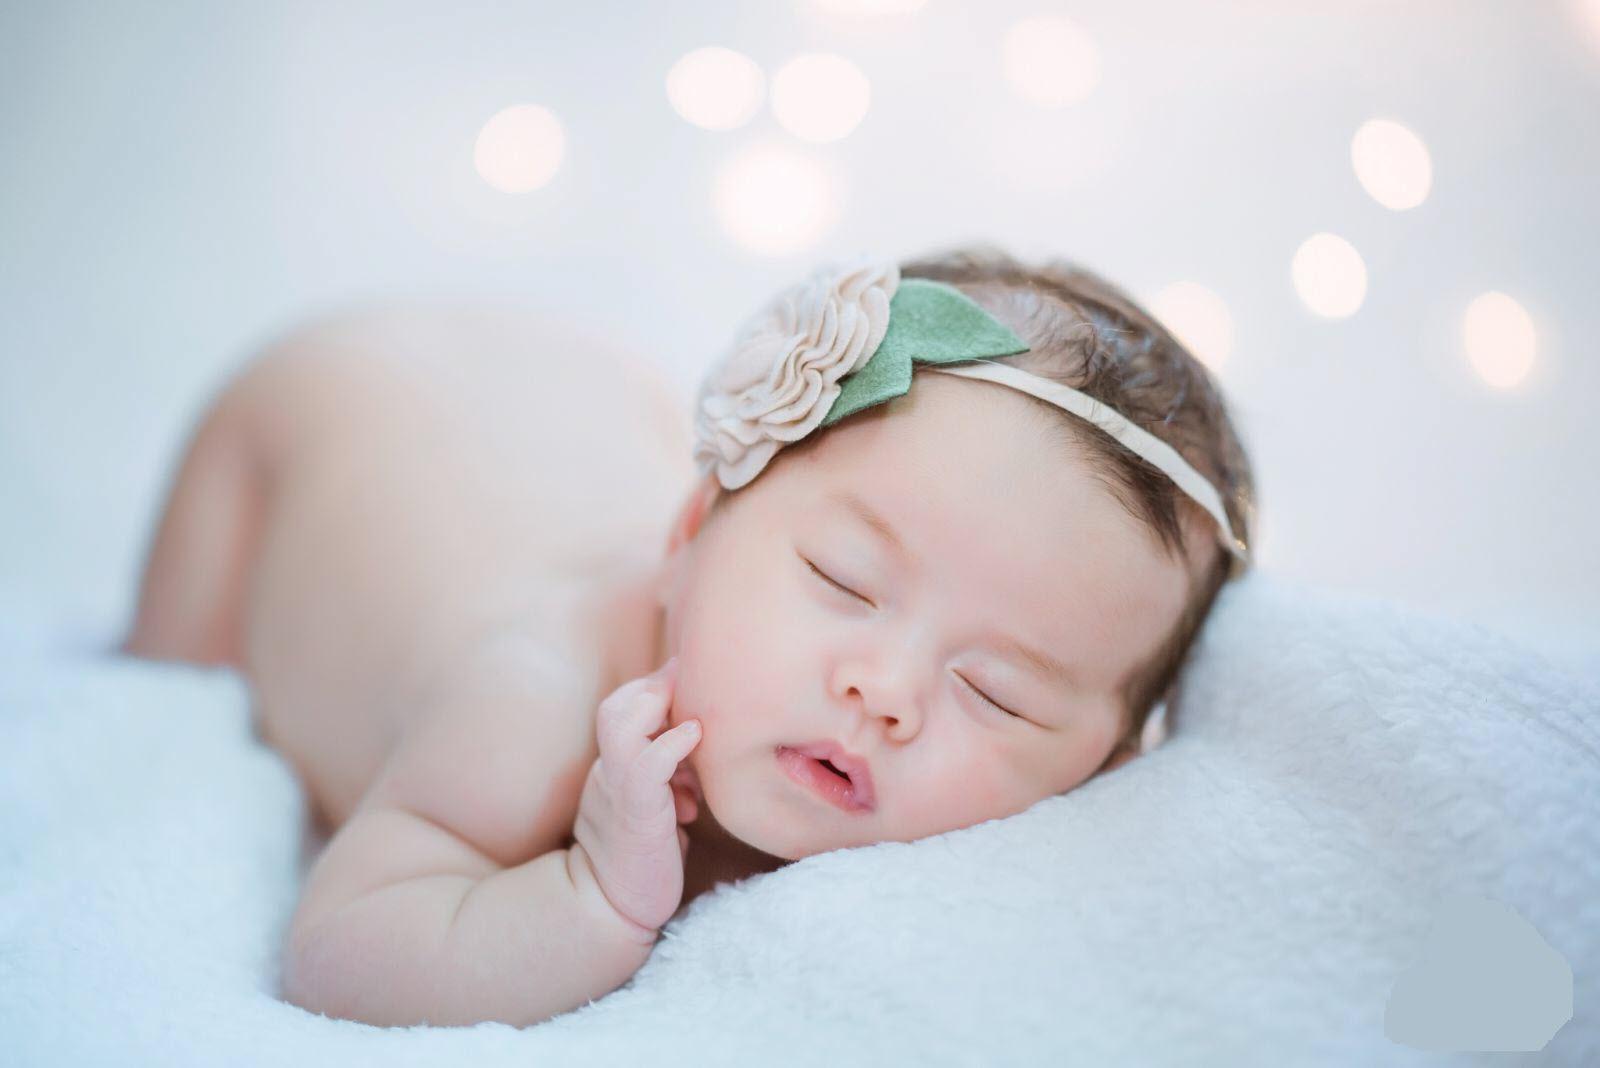 Hình ảnh bé gái sơ sinh đang ngủ